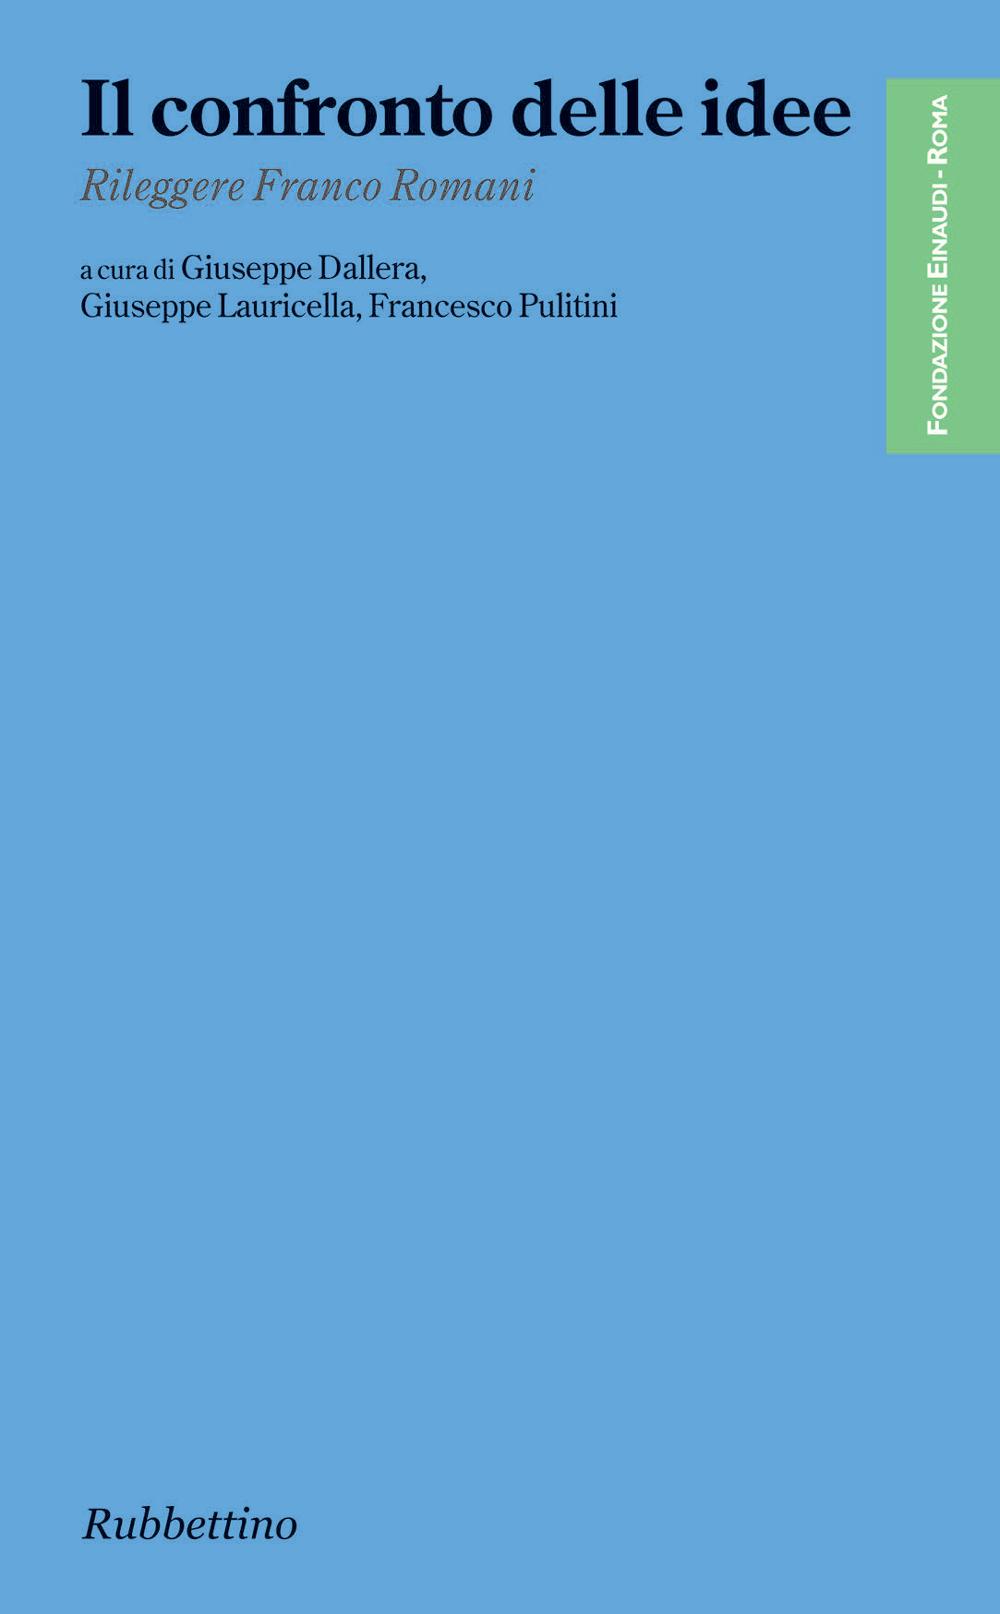 Il confronto delle idee di Francesco Pulitini, Giuseppe Dallera